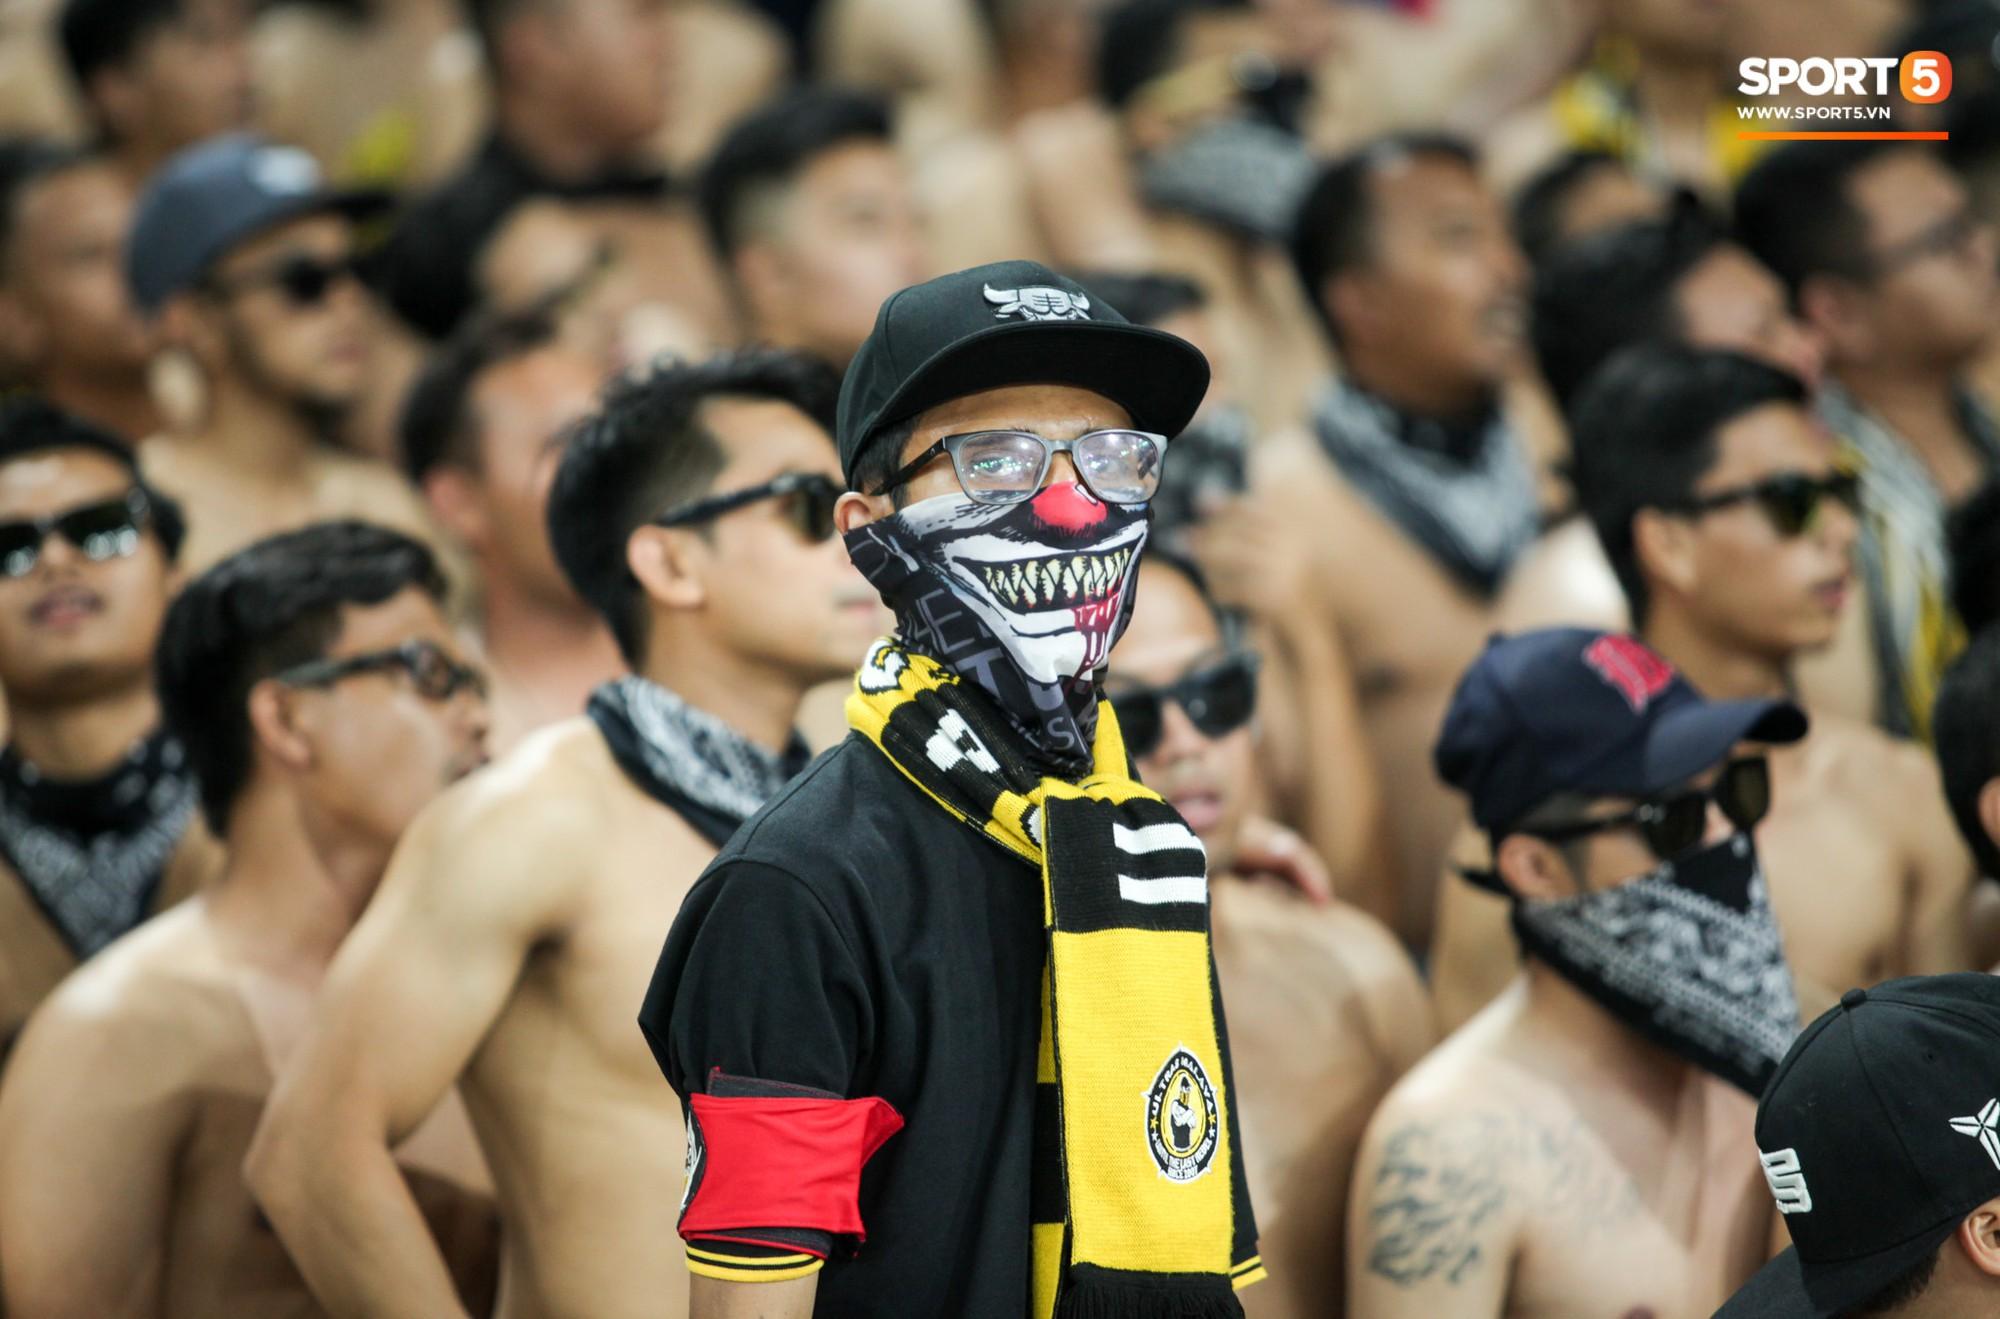 Dư âm chung kết lượt đi AFF Cup: CĐV Malaysia hóa trang kinh dị theo